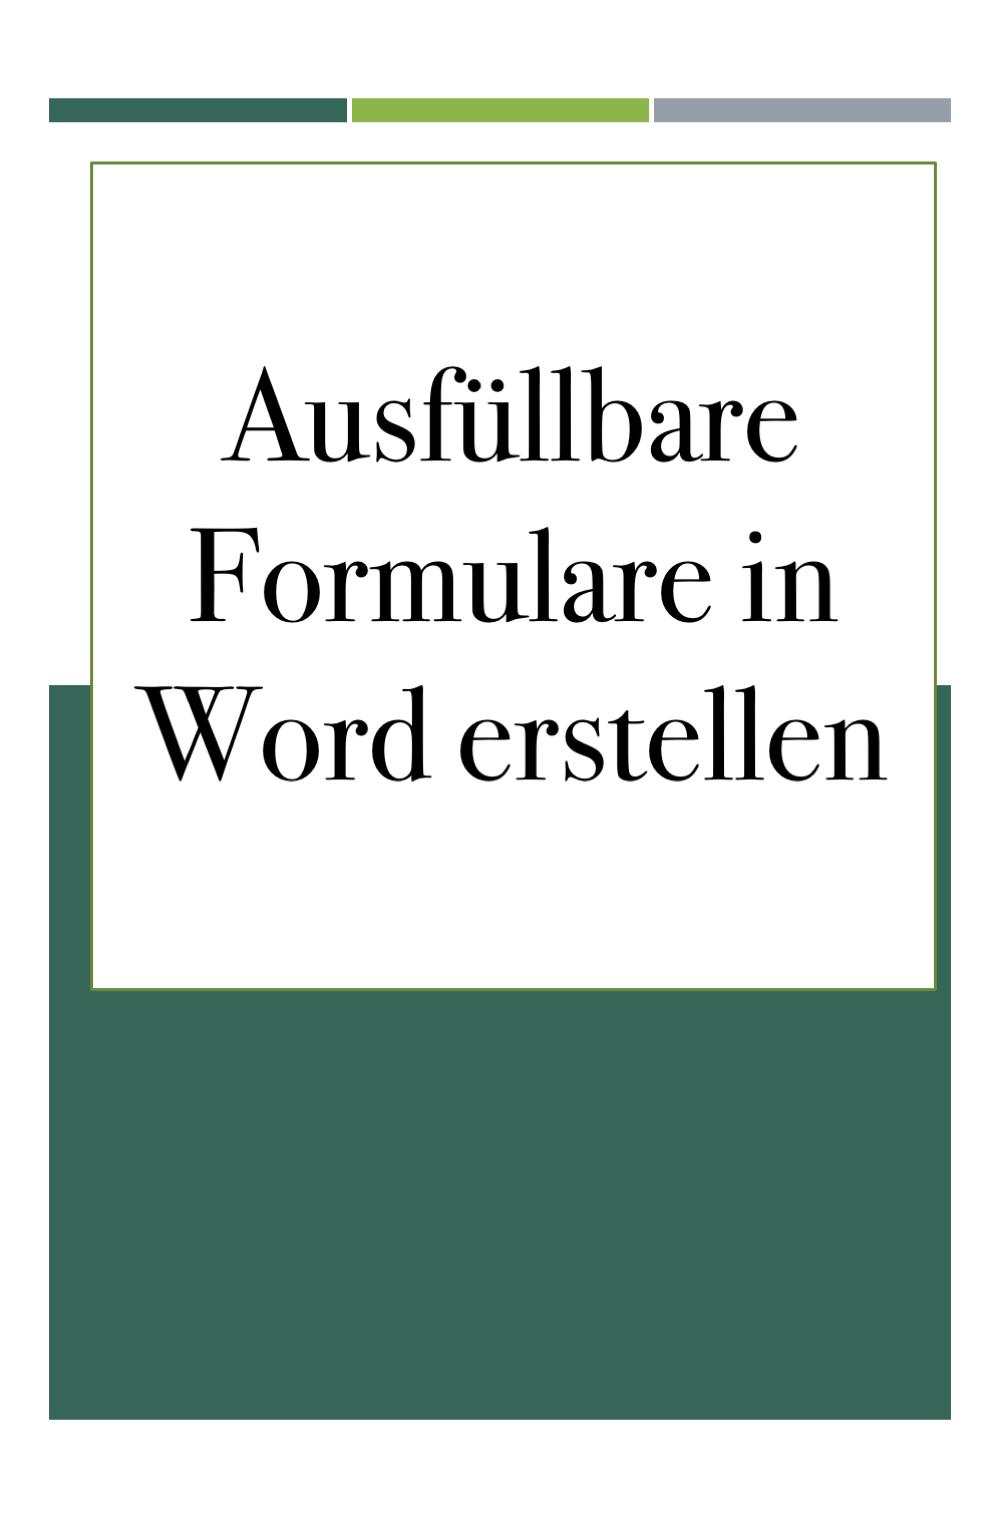 Word Formulare In 2020 Excel Tipps Tipps Und Tricks Buroorganisation Tipps